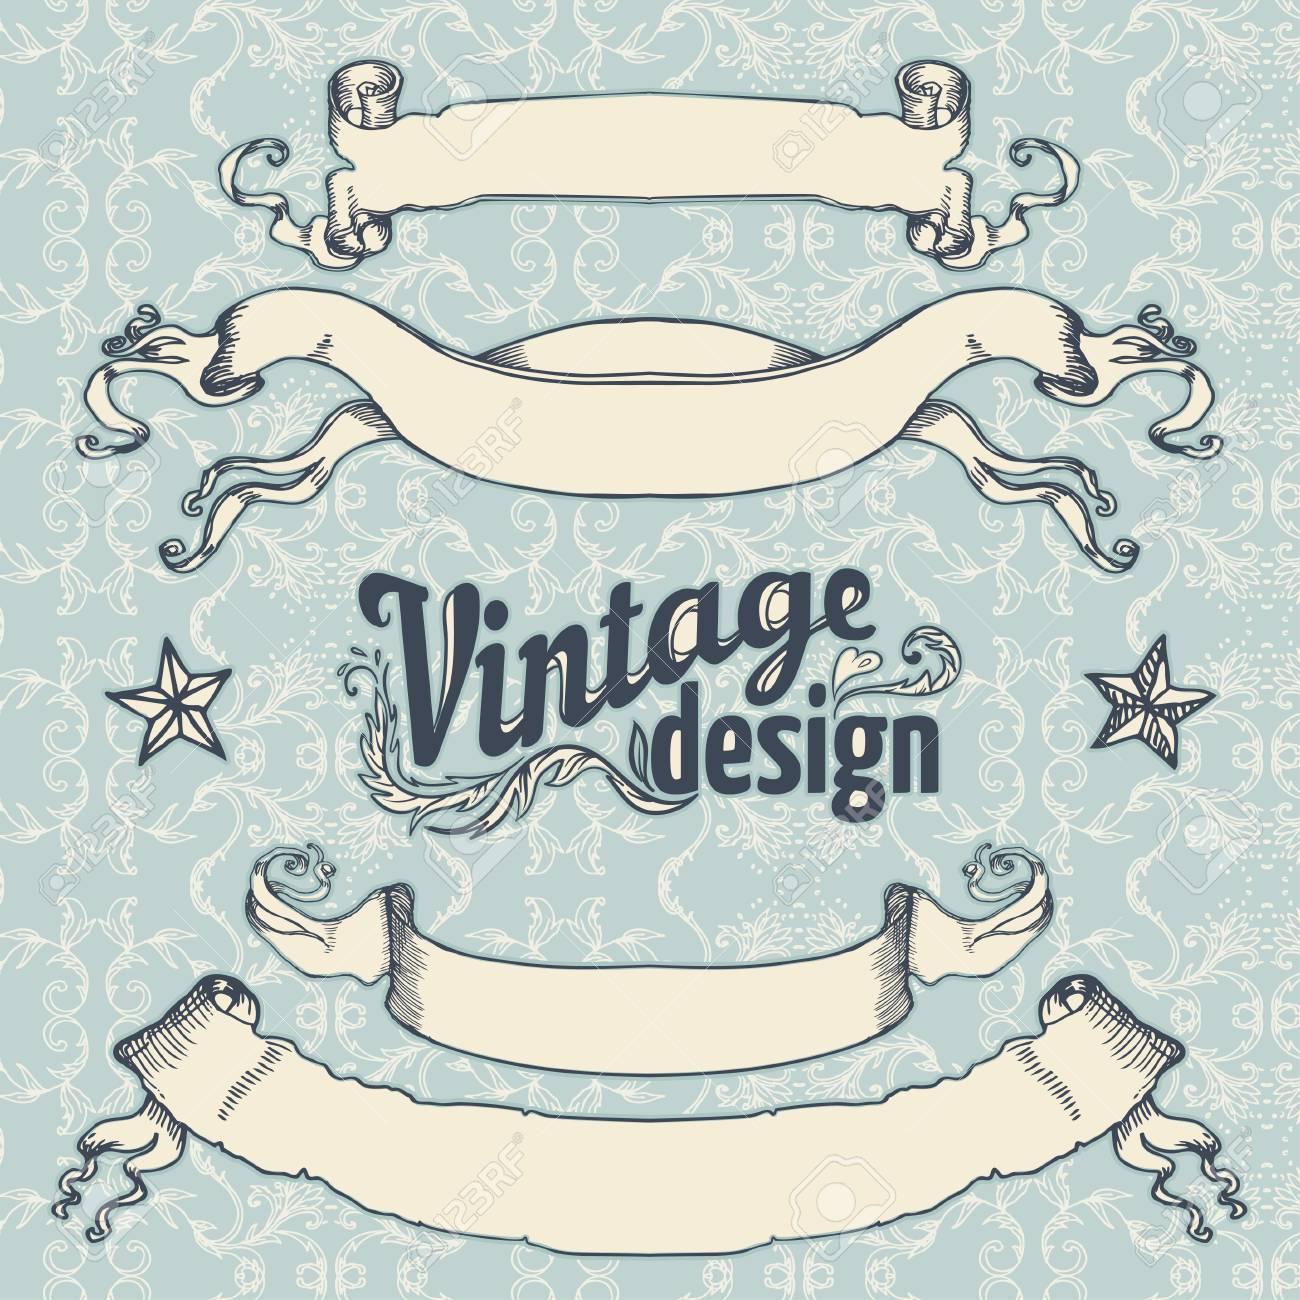 Vintage design elements set. Ribbon with floral decor. Vector illustration. - 44359298